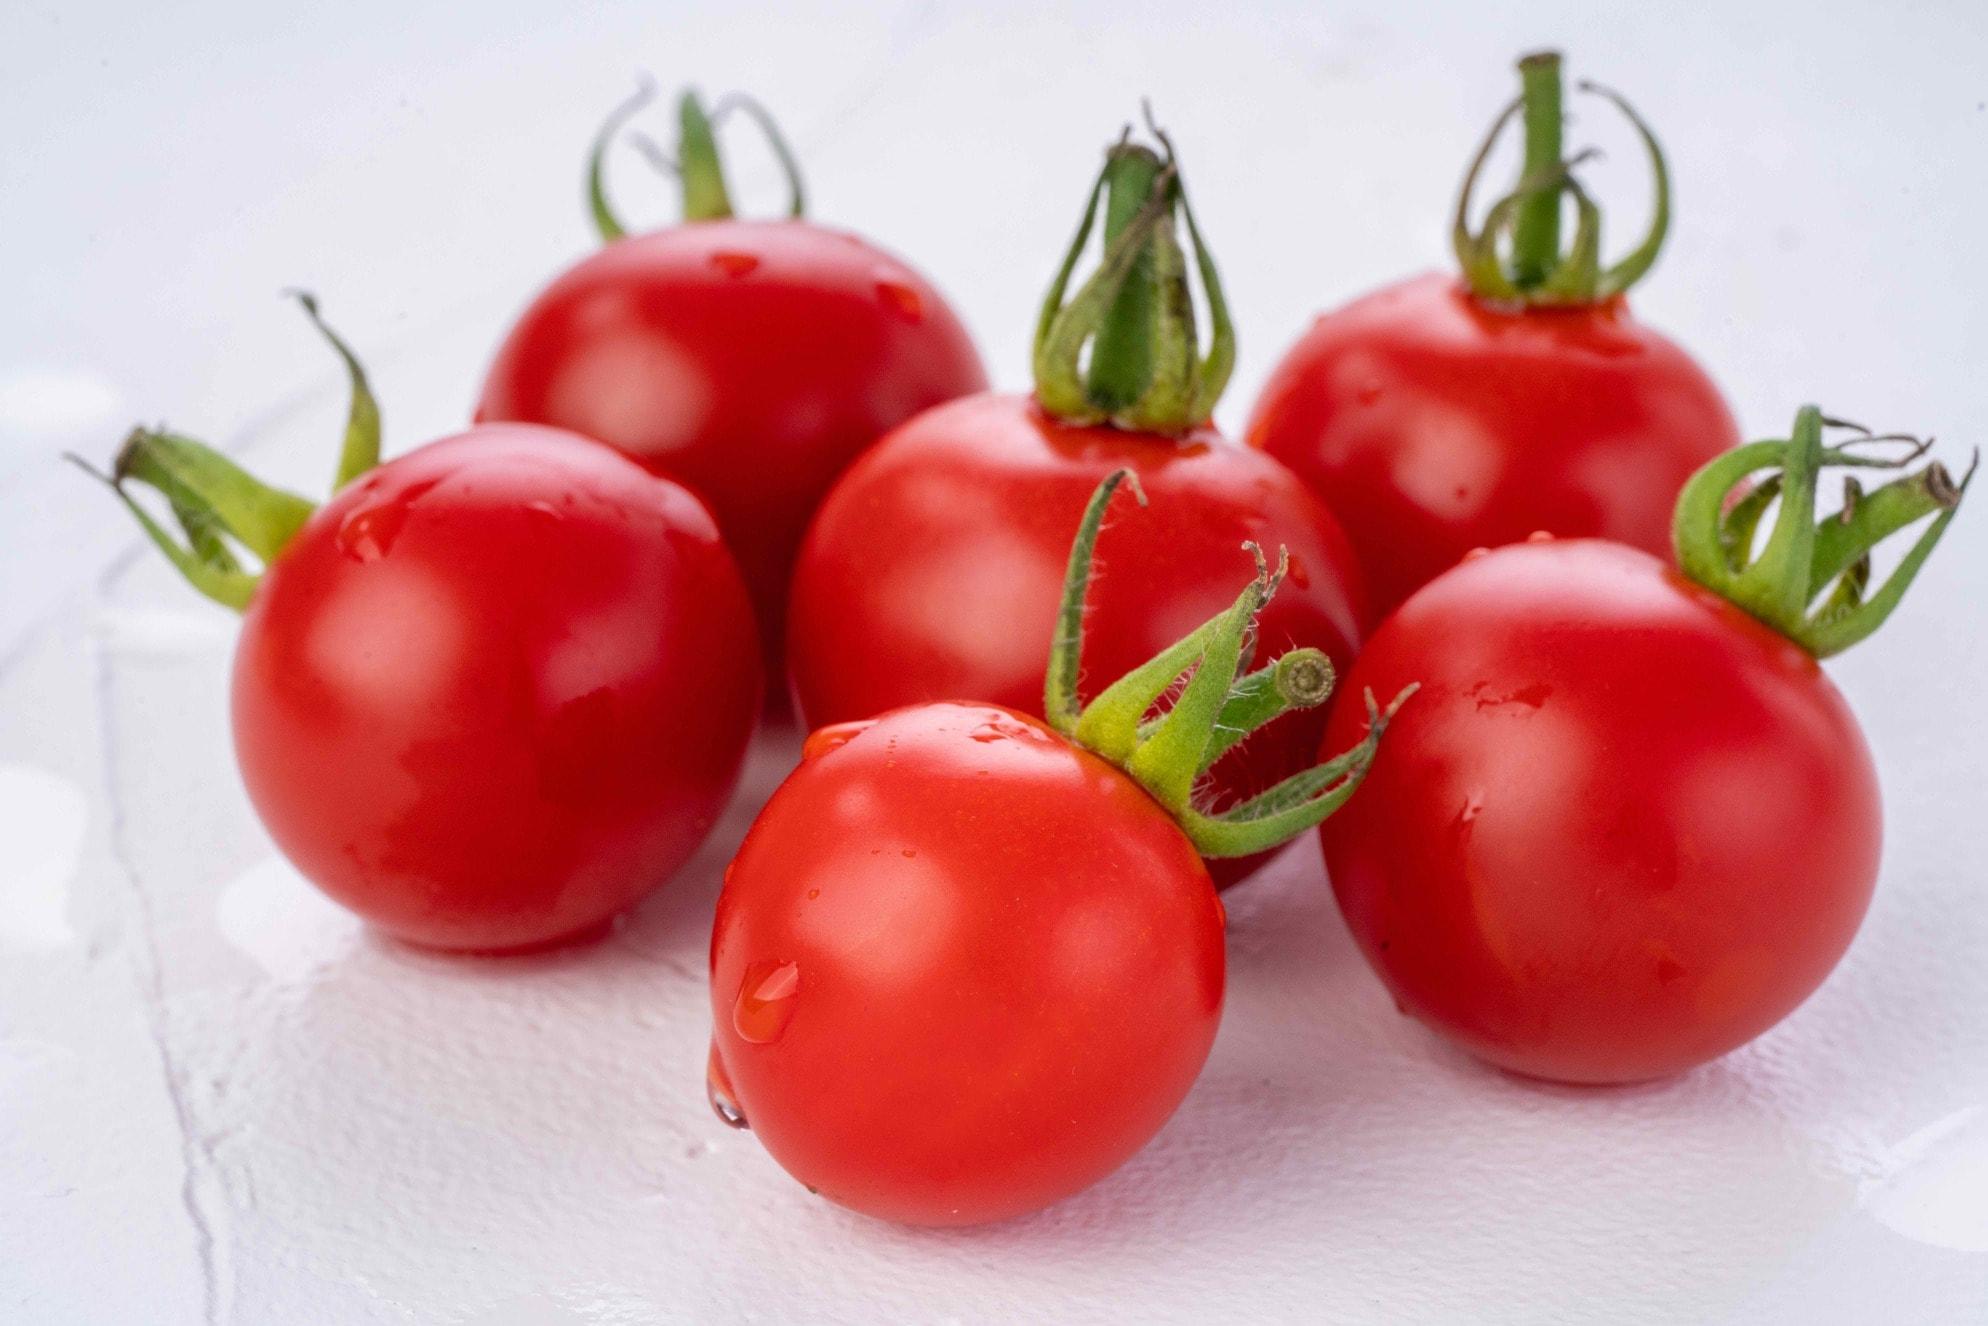 水が滴る真っ赤なミニトマト「ほれまる」